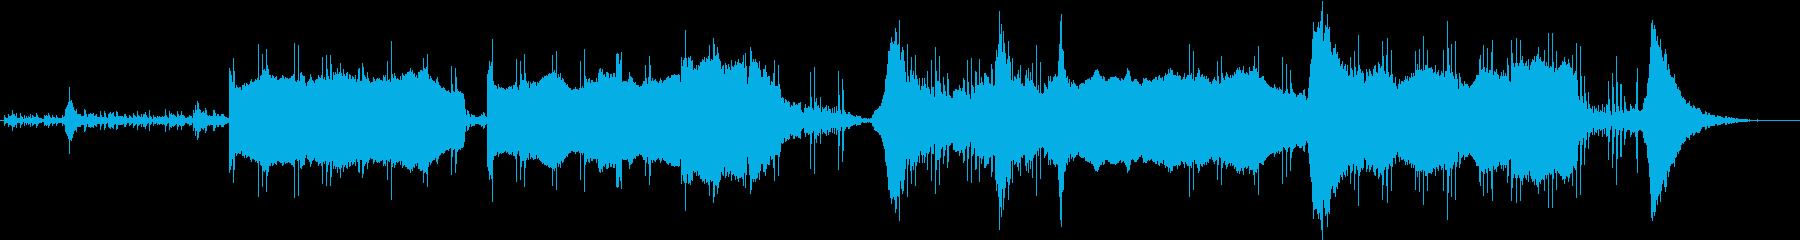 宇宙をイメージしたサウンドトラックの再生済みの波形